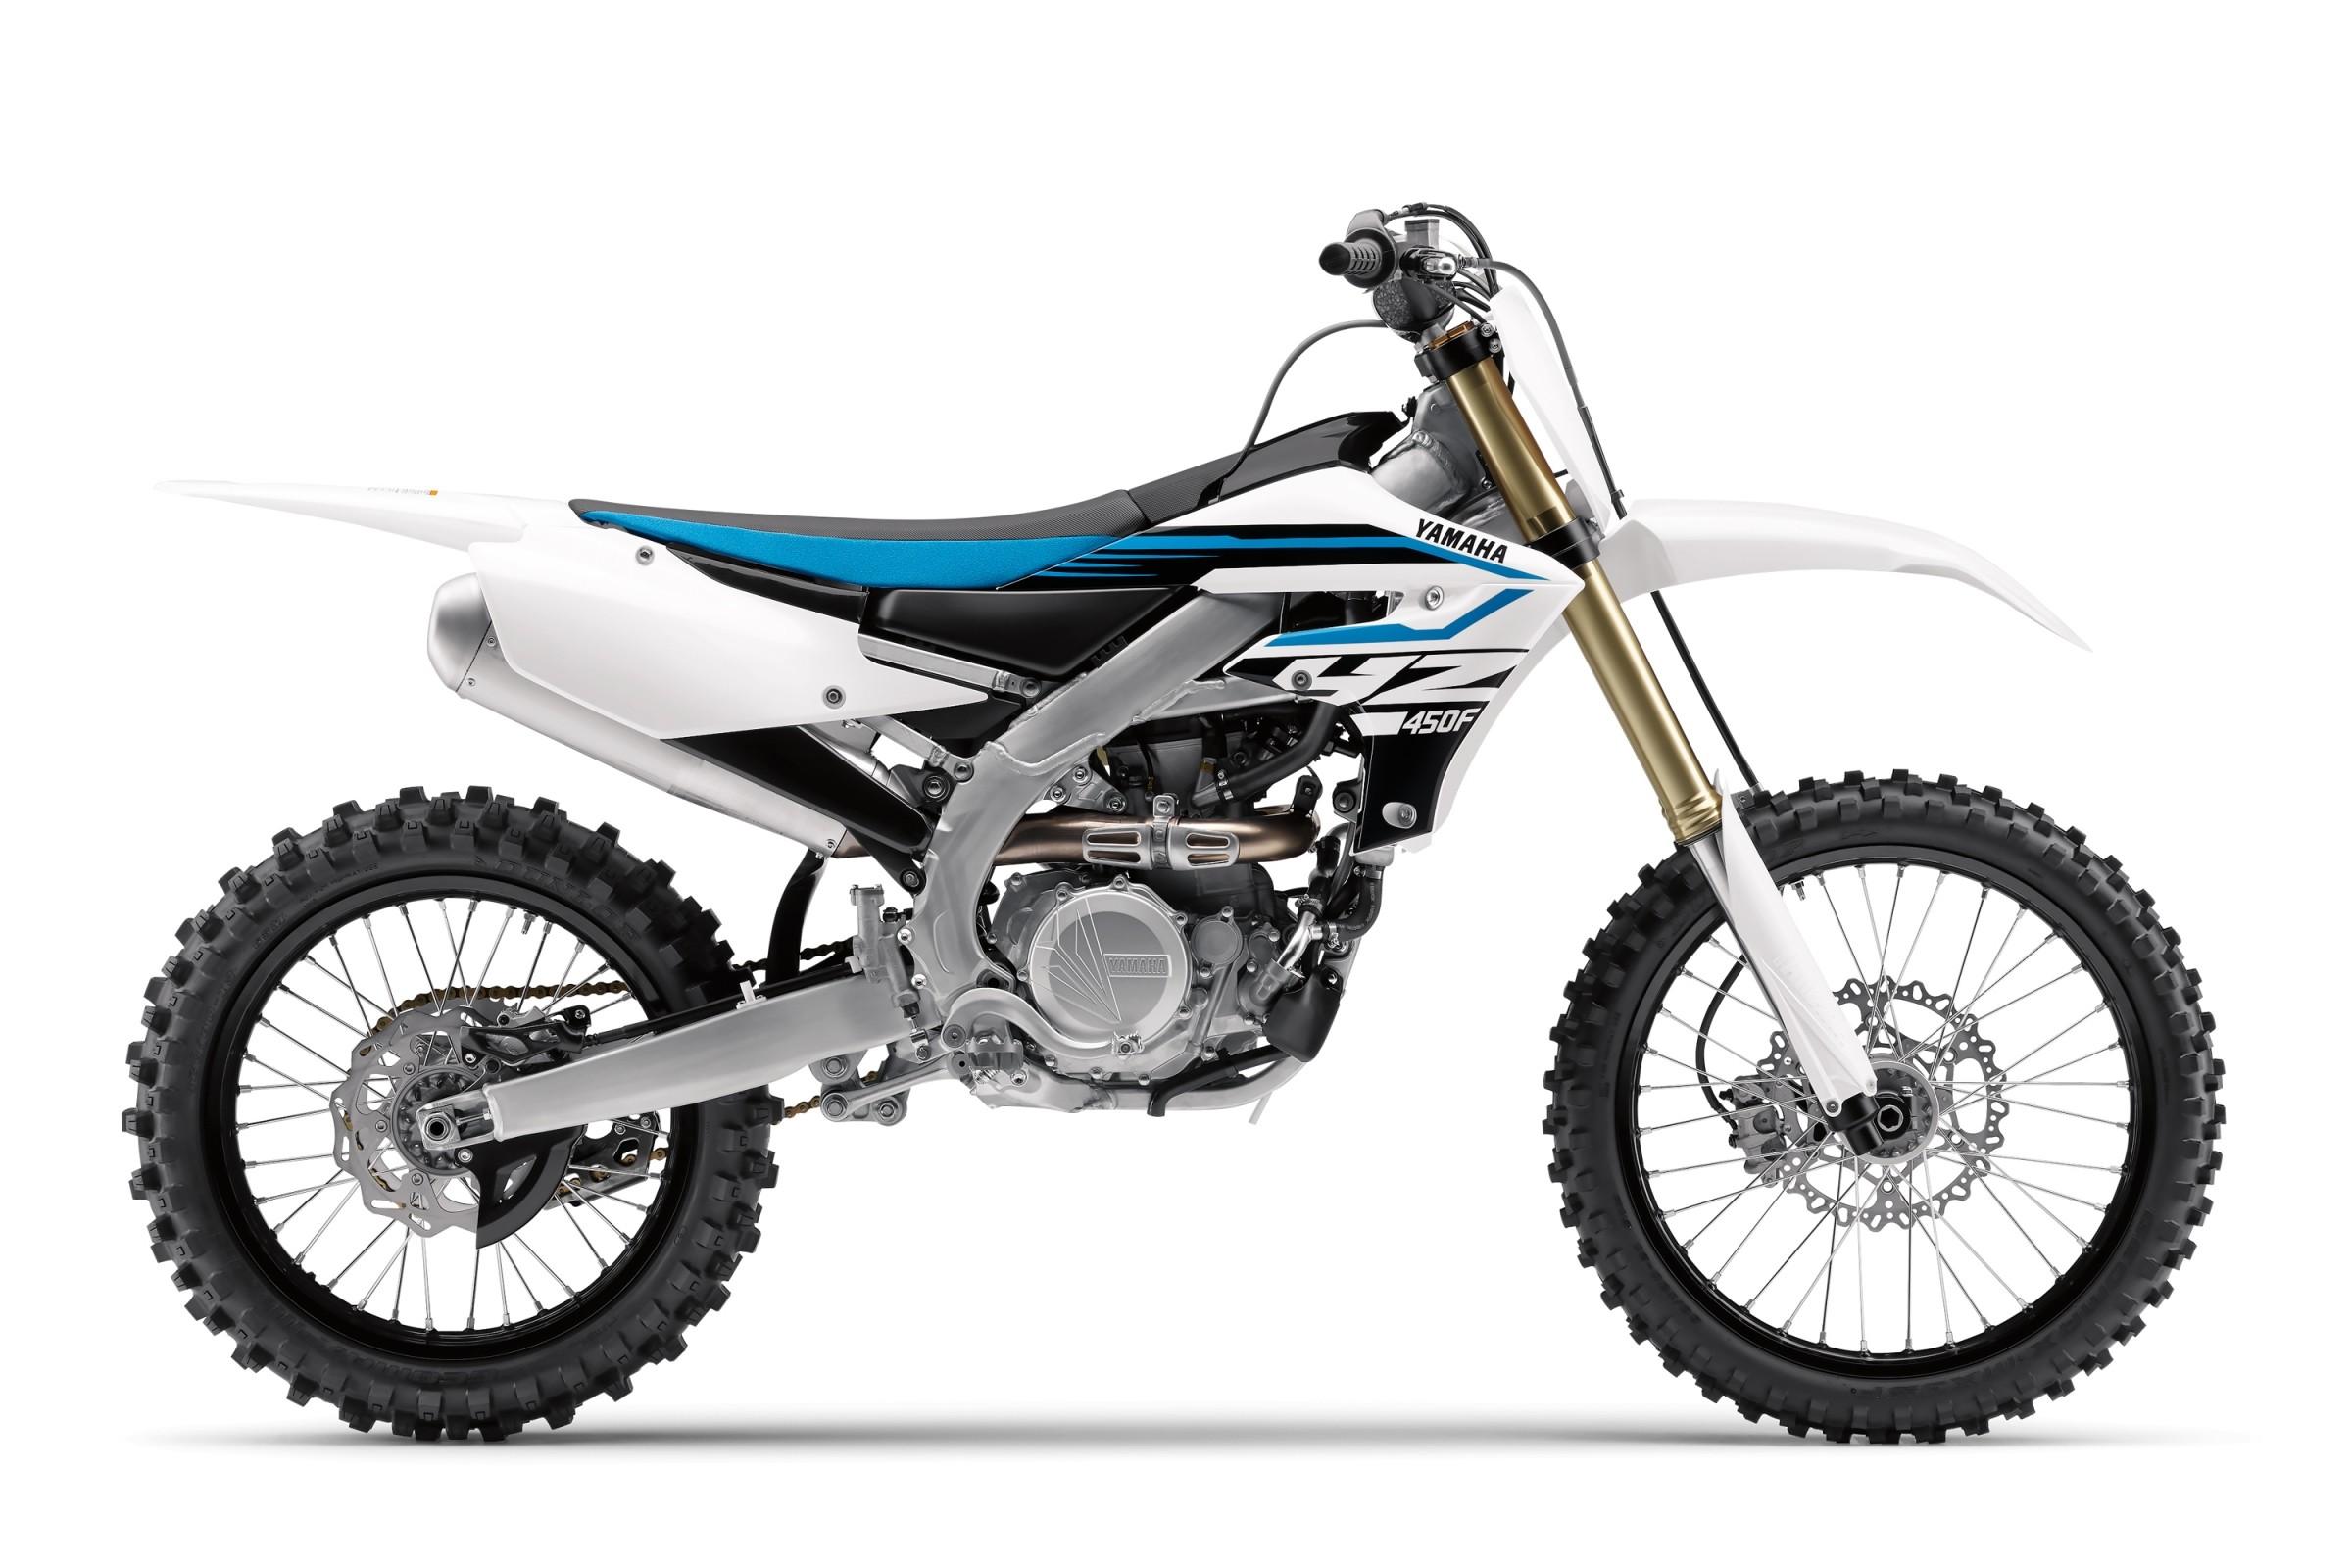 The All New Yamaha Yz450f